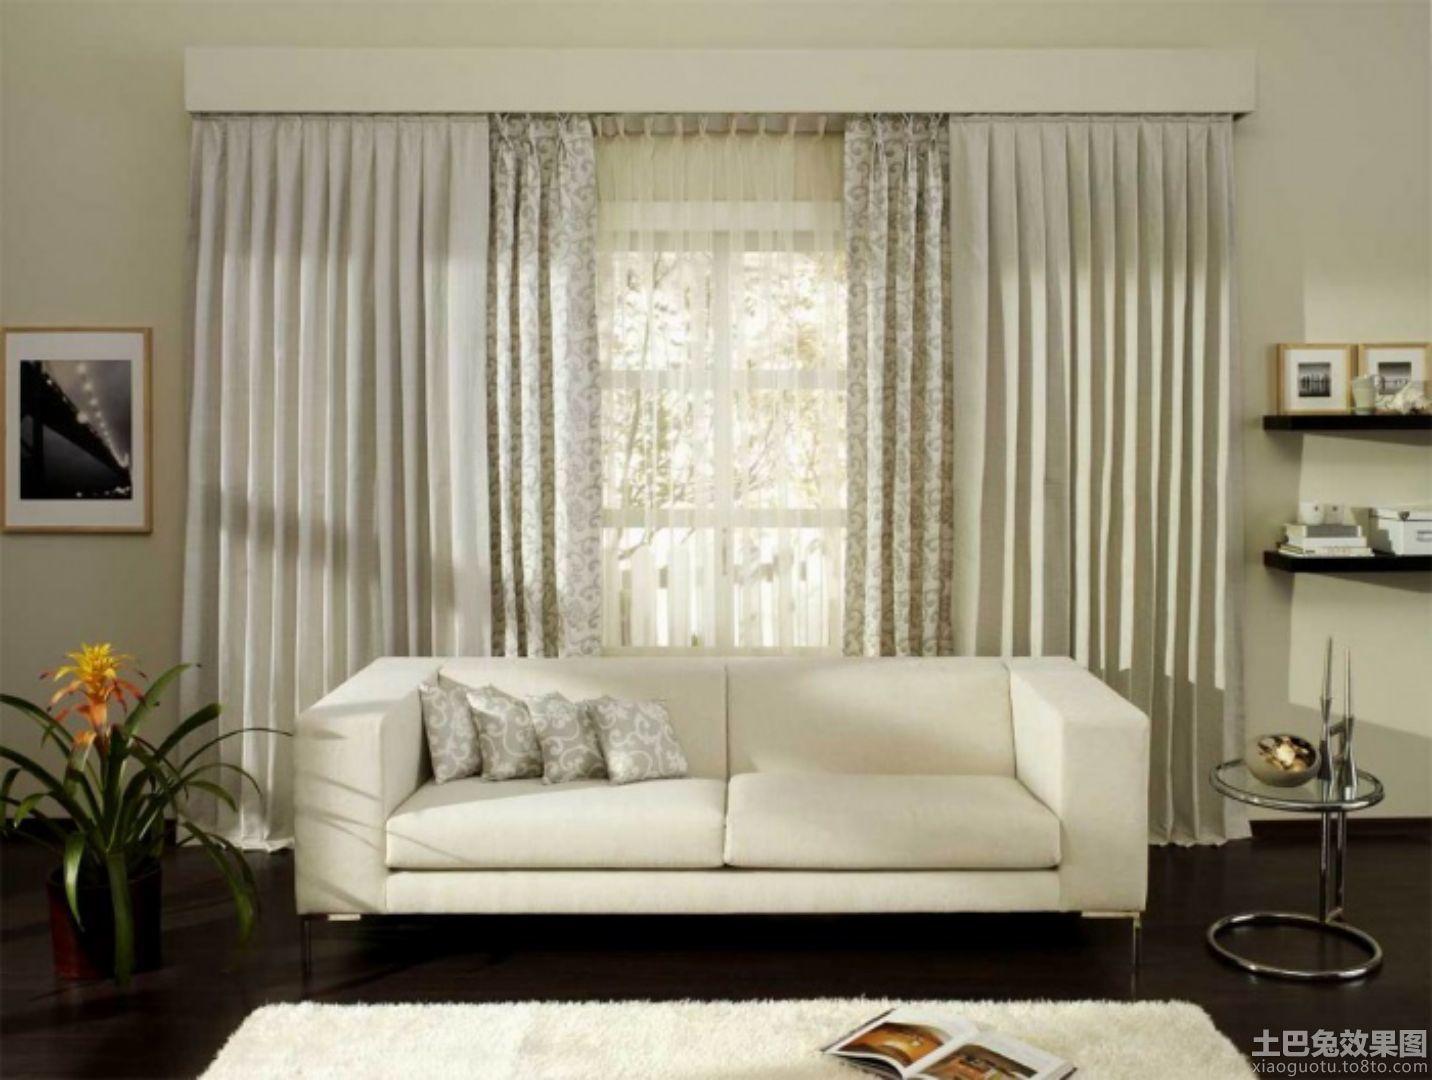 客厅沙发背景装饰窗帘效果图